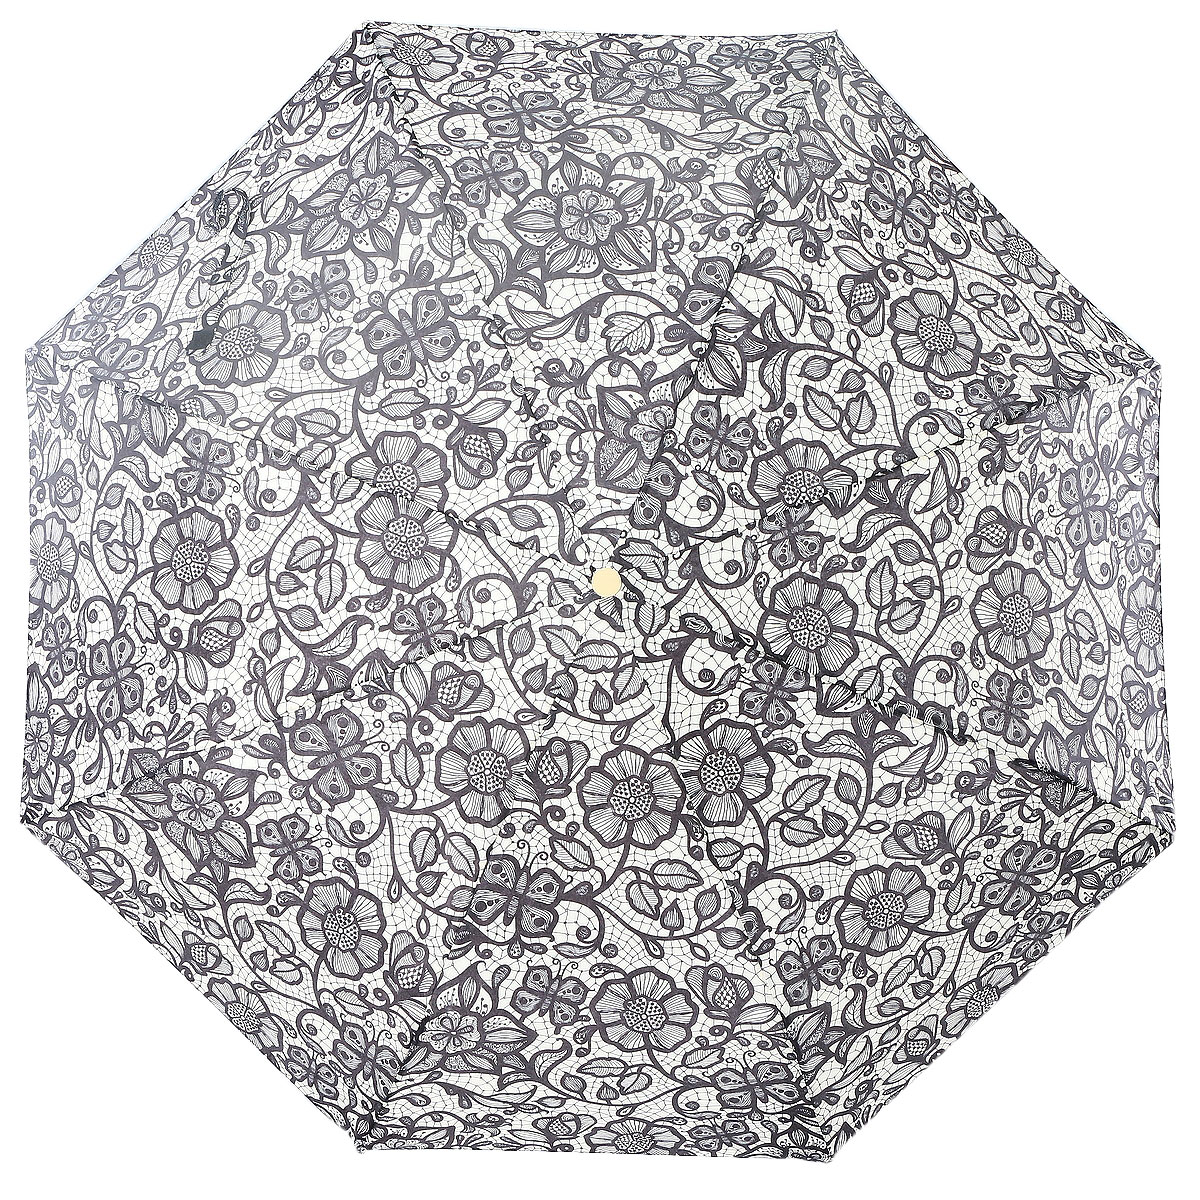 Зонт женский Artrain, цвет: черный, кремовый. 3915-486345100033/18076/3500NКлассический женский зонт в 3 сложения полный автомат. Удобная ручка выполнена из пластика. Модель зонта выполнена в стандартном размере, оснащена системой Антиветер. Этот стильный аксессуар поместится практически в любую женскую сумочку благодаря своим небольшим размерам.